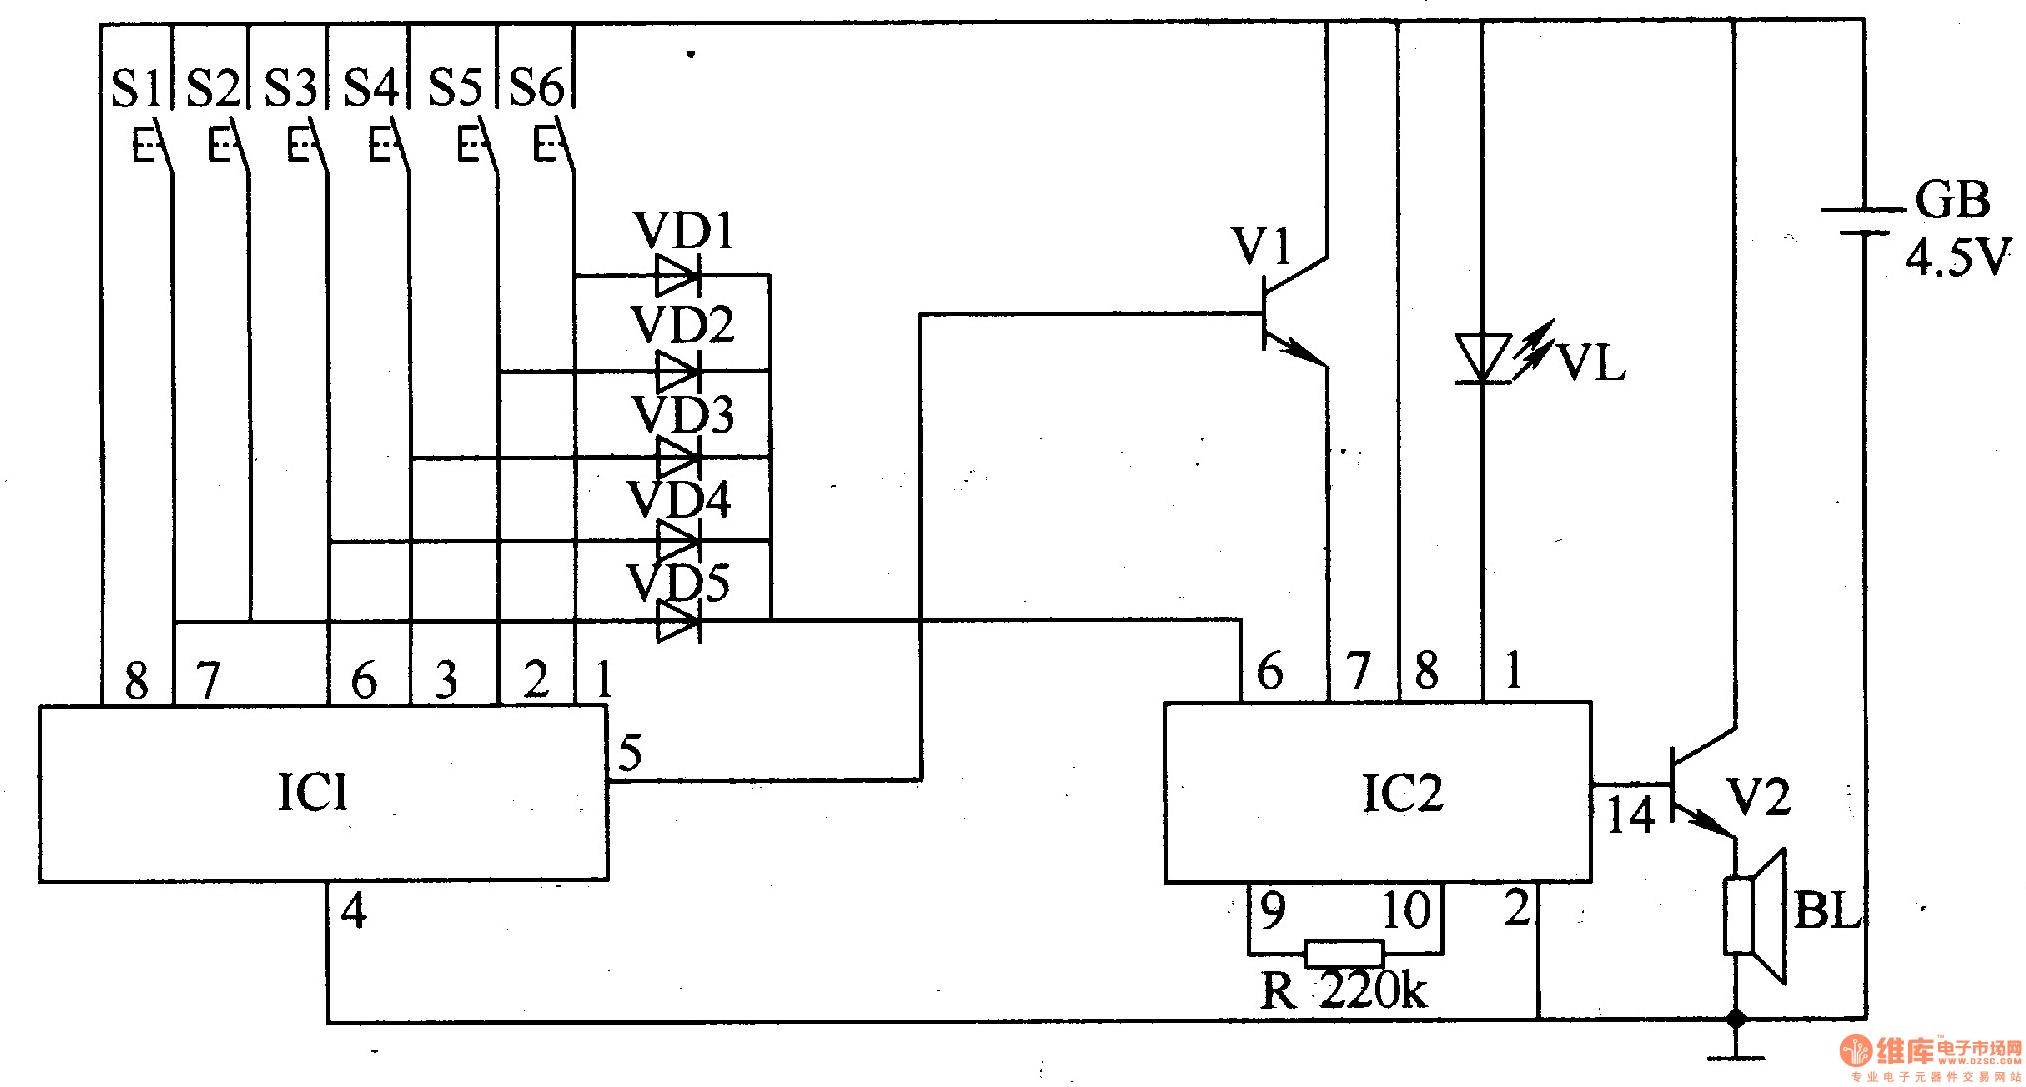 Password Electronic Doorbell 1 Electrical Equipment Circuit Discostrobelight Ledandlightcircuit Diagram Seekic